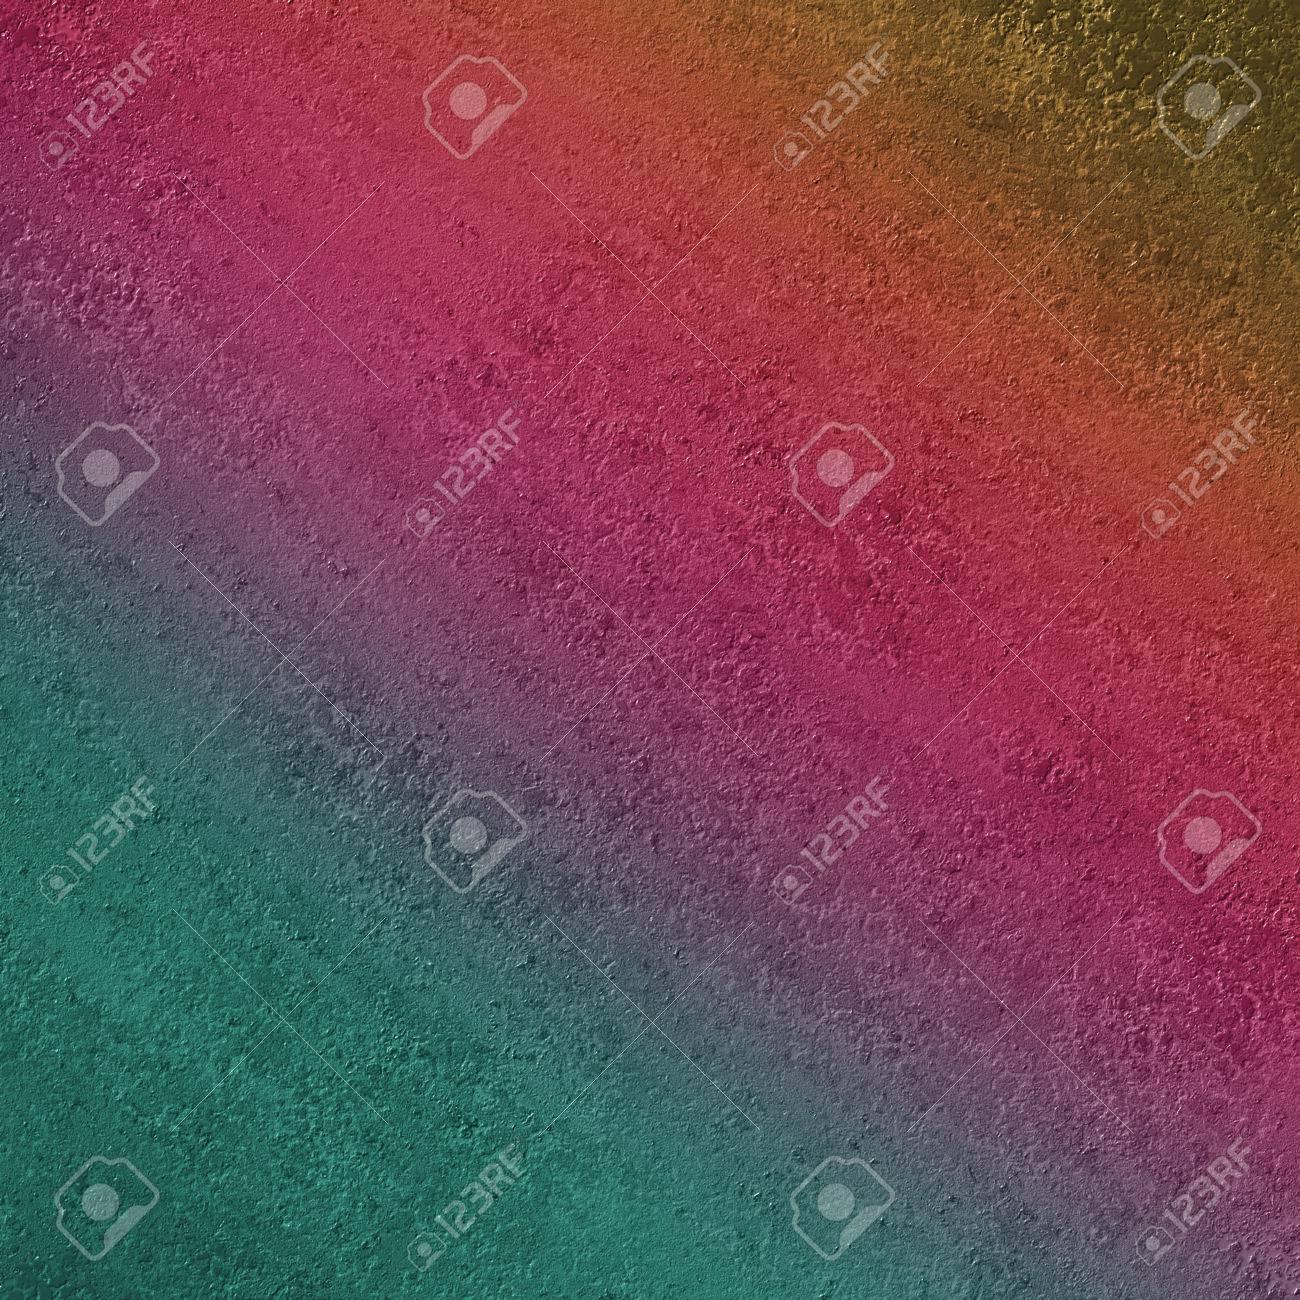 Conception De Fond Texturé De Mur De Plâtre Rugueux Avec Des Couleurs De Peinture Dégradé Incliné De Vert Bleu Or Orange Rose Et Violet